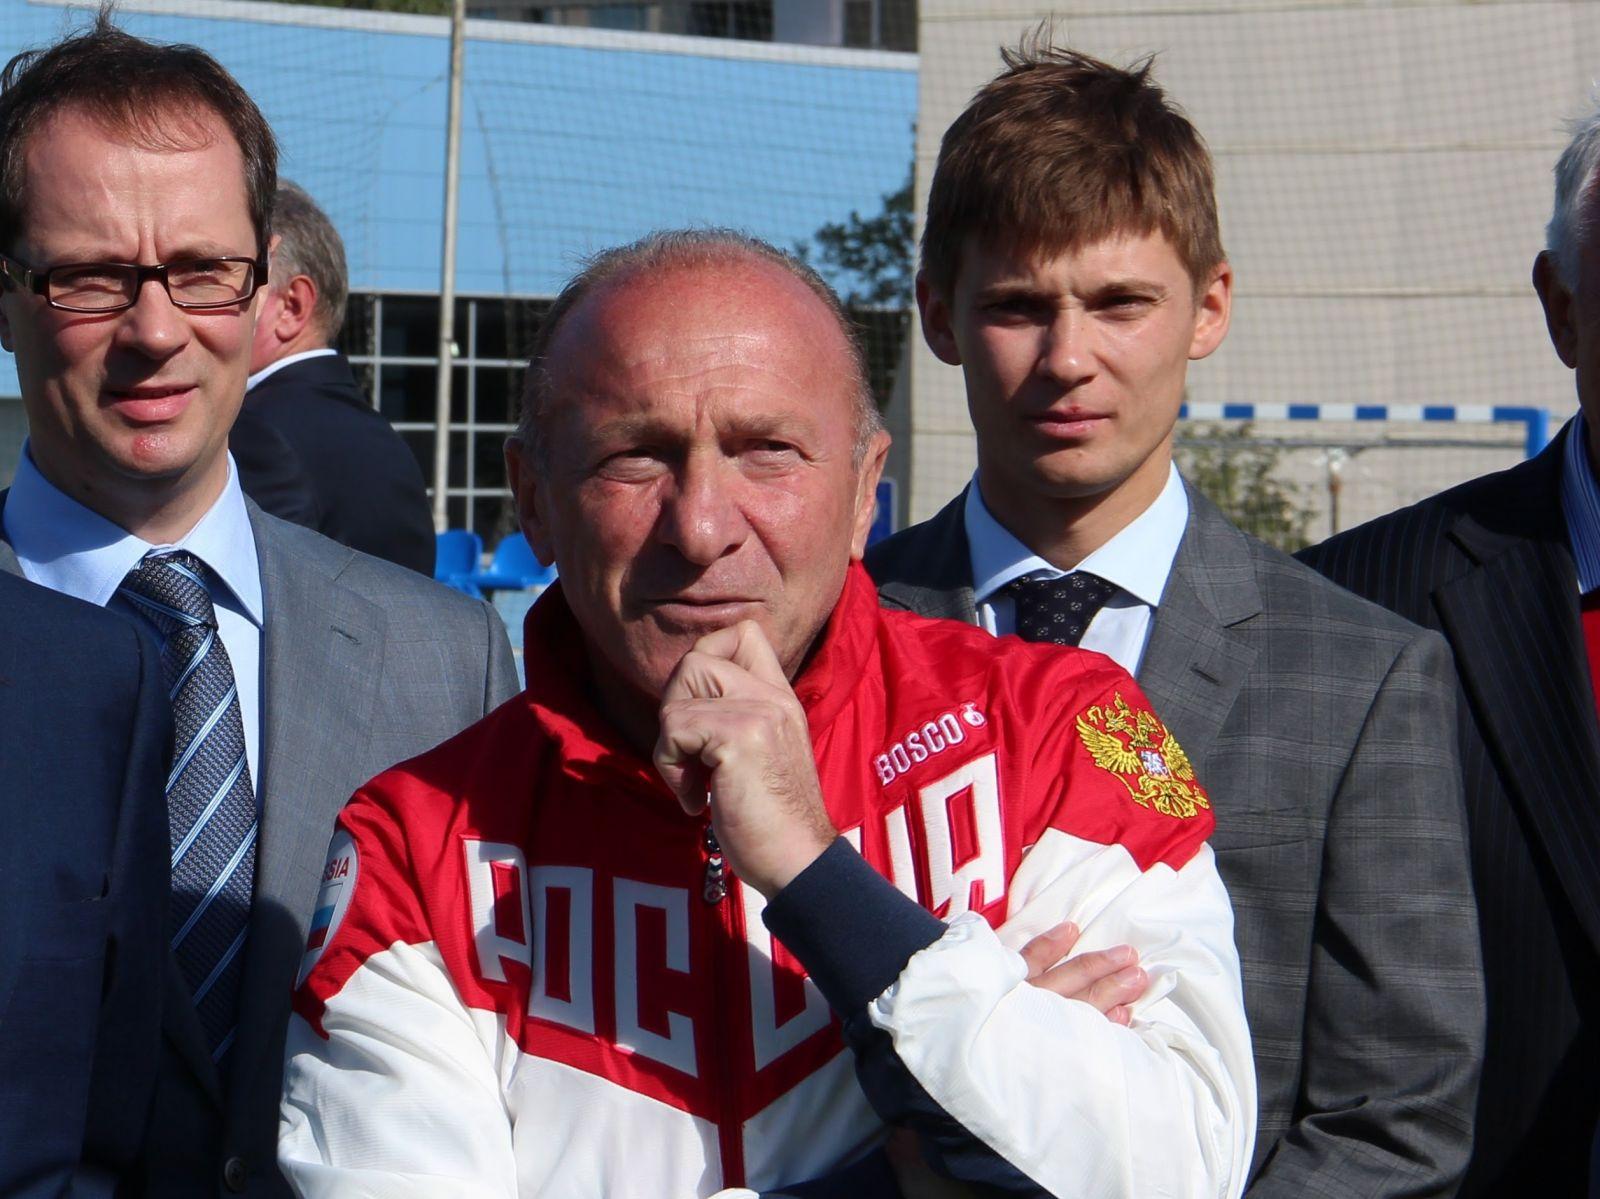 """Автандил Барамидзе: """"Спорт таков, что не всегда сильнейшая команда чемпионата мира становится первой"""""""